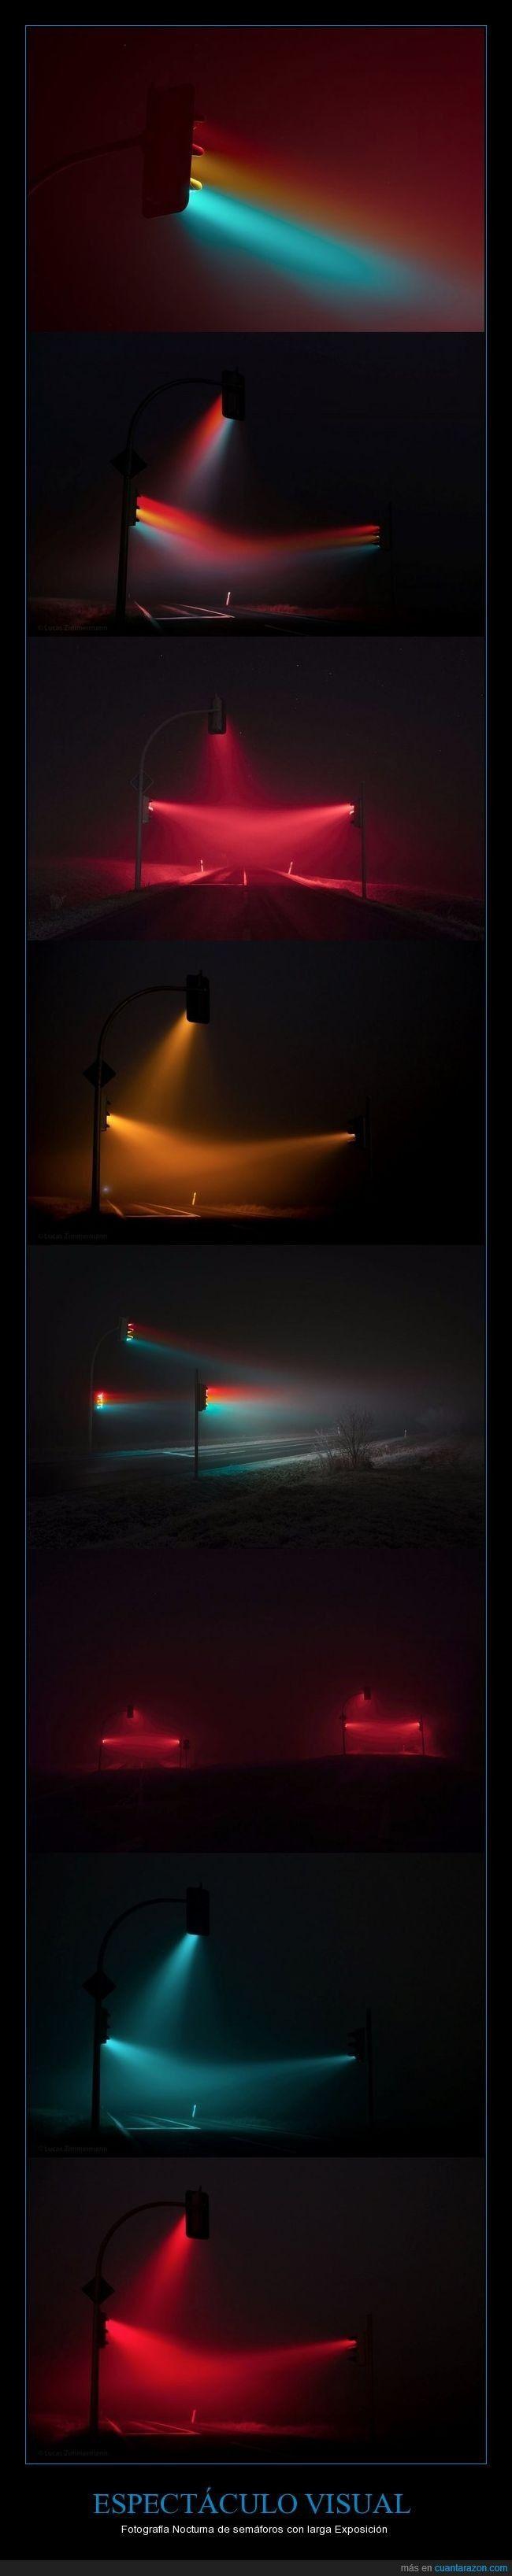 Fotografía Nocturna de larga Exposición de semáforos en la niebla - Fotografía Nocturna de semáforos con larga Exposición   Gracias a http://www.cuantarazon.com/   Si quieres leer la noticia completa visita: http://www.estoy-aburrido.com/fotografia-nocturna-de-larga-exposicion-de-semaforos-en-la-niebla-fotografia-nocturna-de-semaforos-con-larga-exposicion/